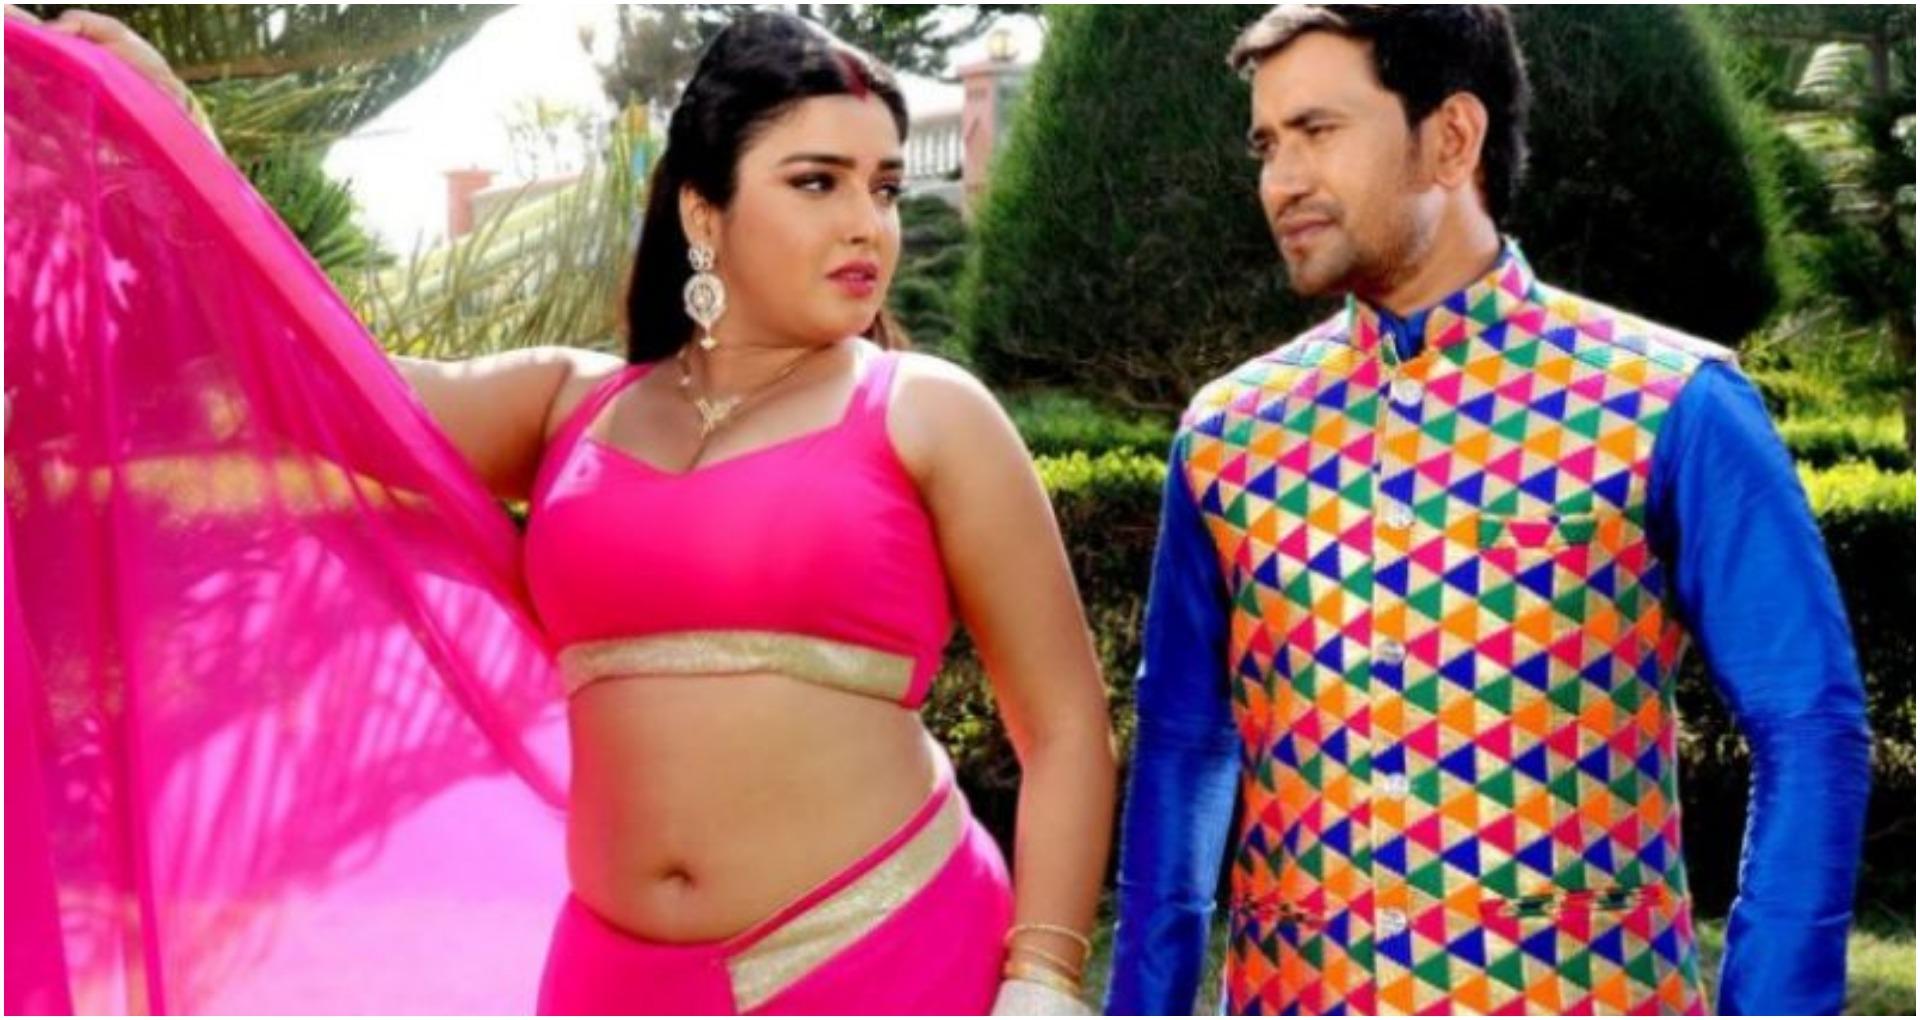 Bhojpuri Song: दिनेश लाल यादव 'निरहुआ' और आम्रपाली दुबे का भोजपुरी गाना 'चोए चोए' हुआ वायरल, देखें वीडियो